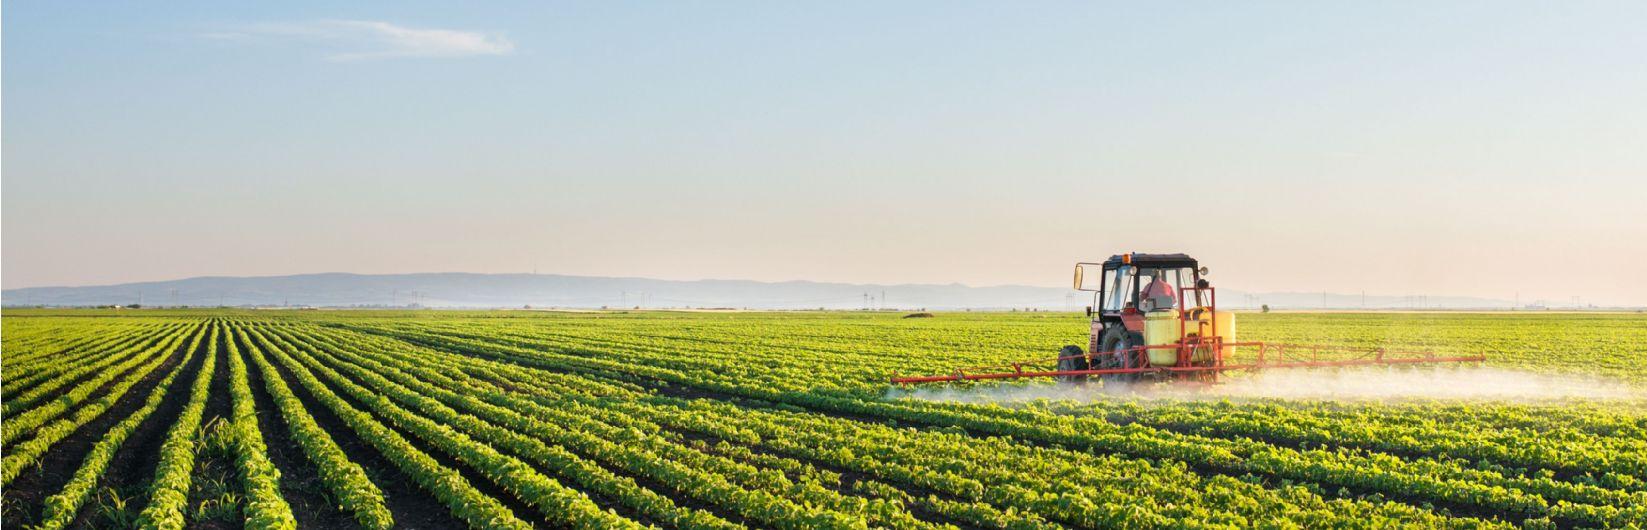 Savills Food and Farming